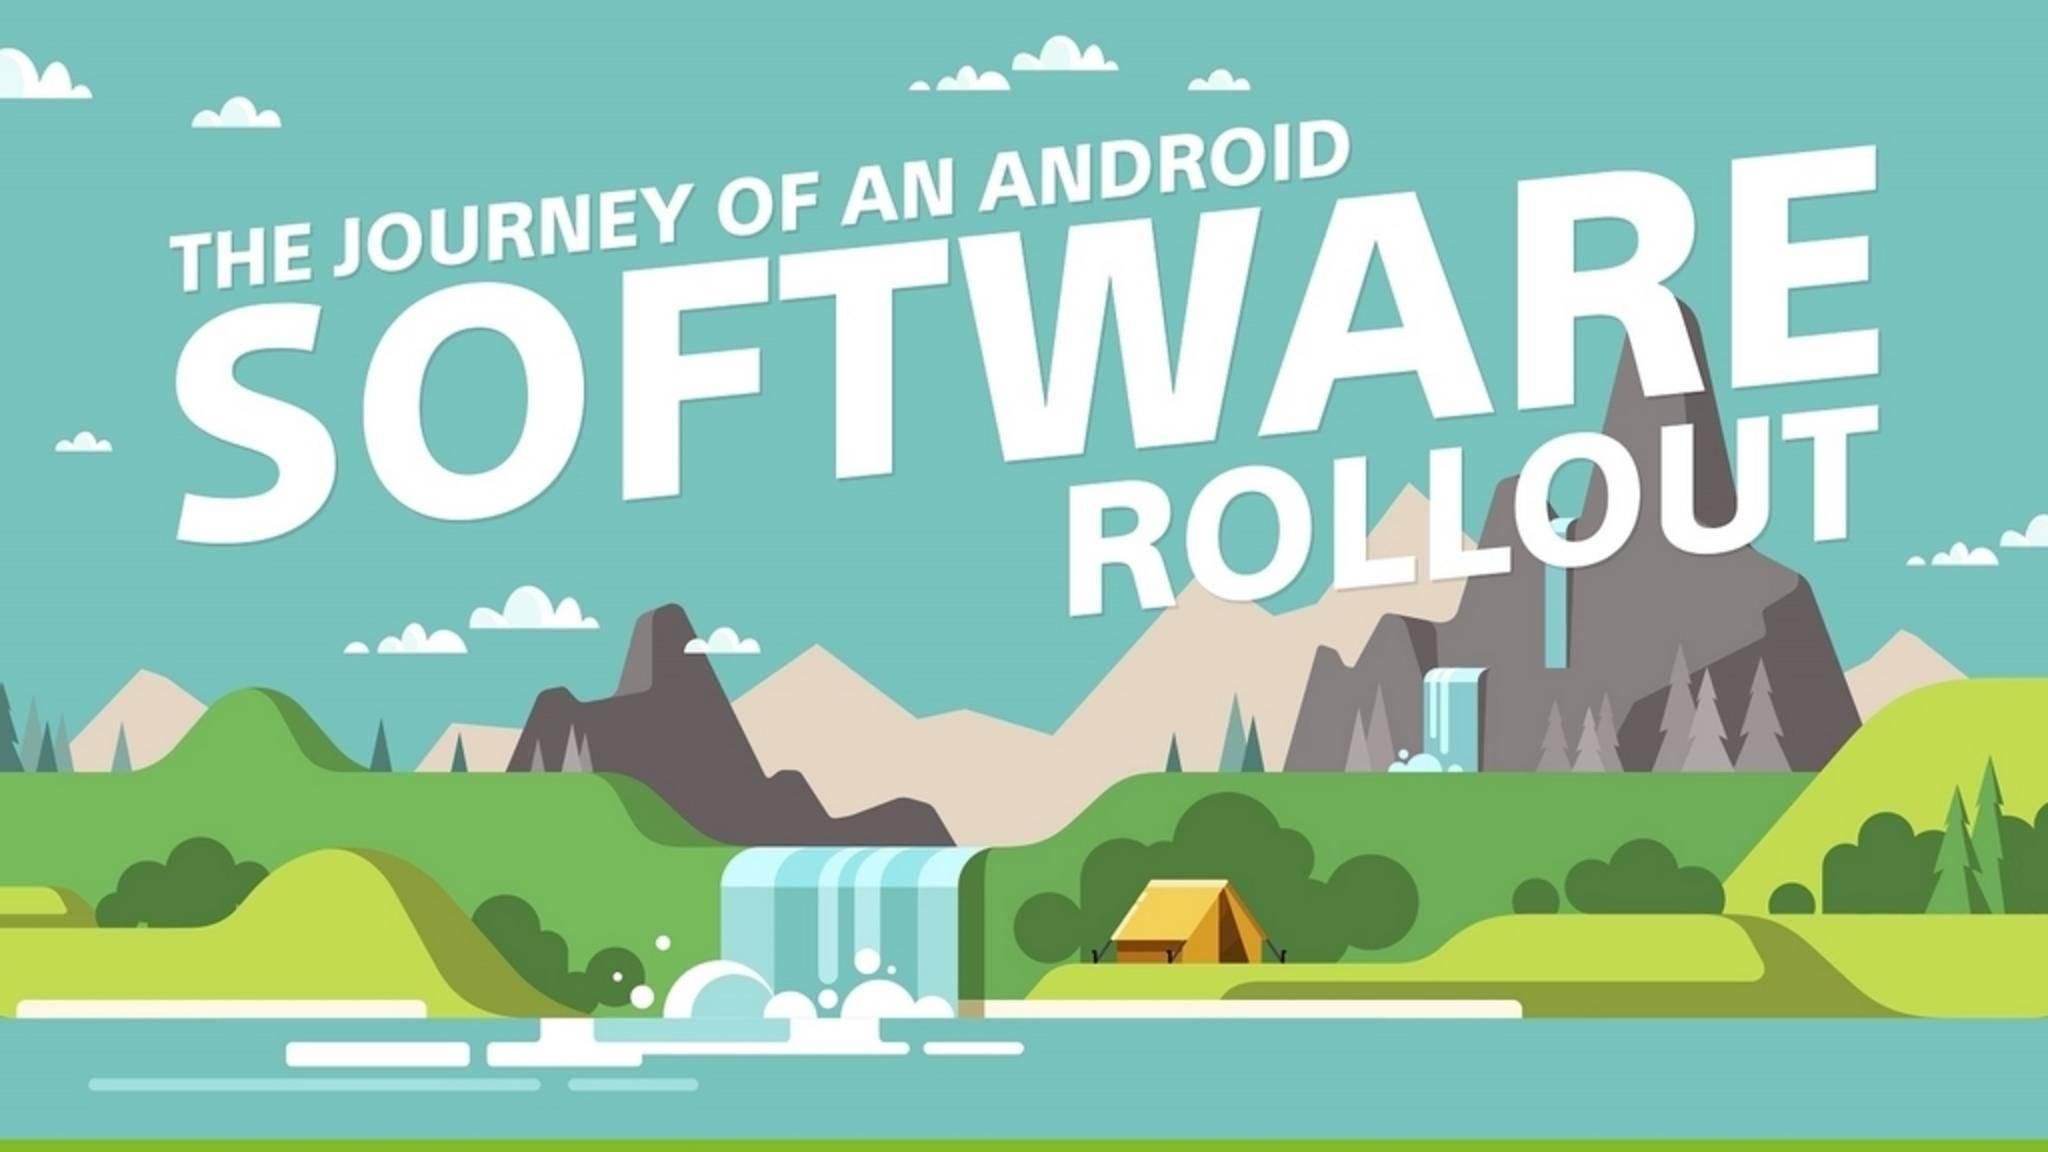 Laut Sony ist die Anpassung einer neuen Android-Version eine Reise in mindestens zehn Schritten.